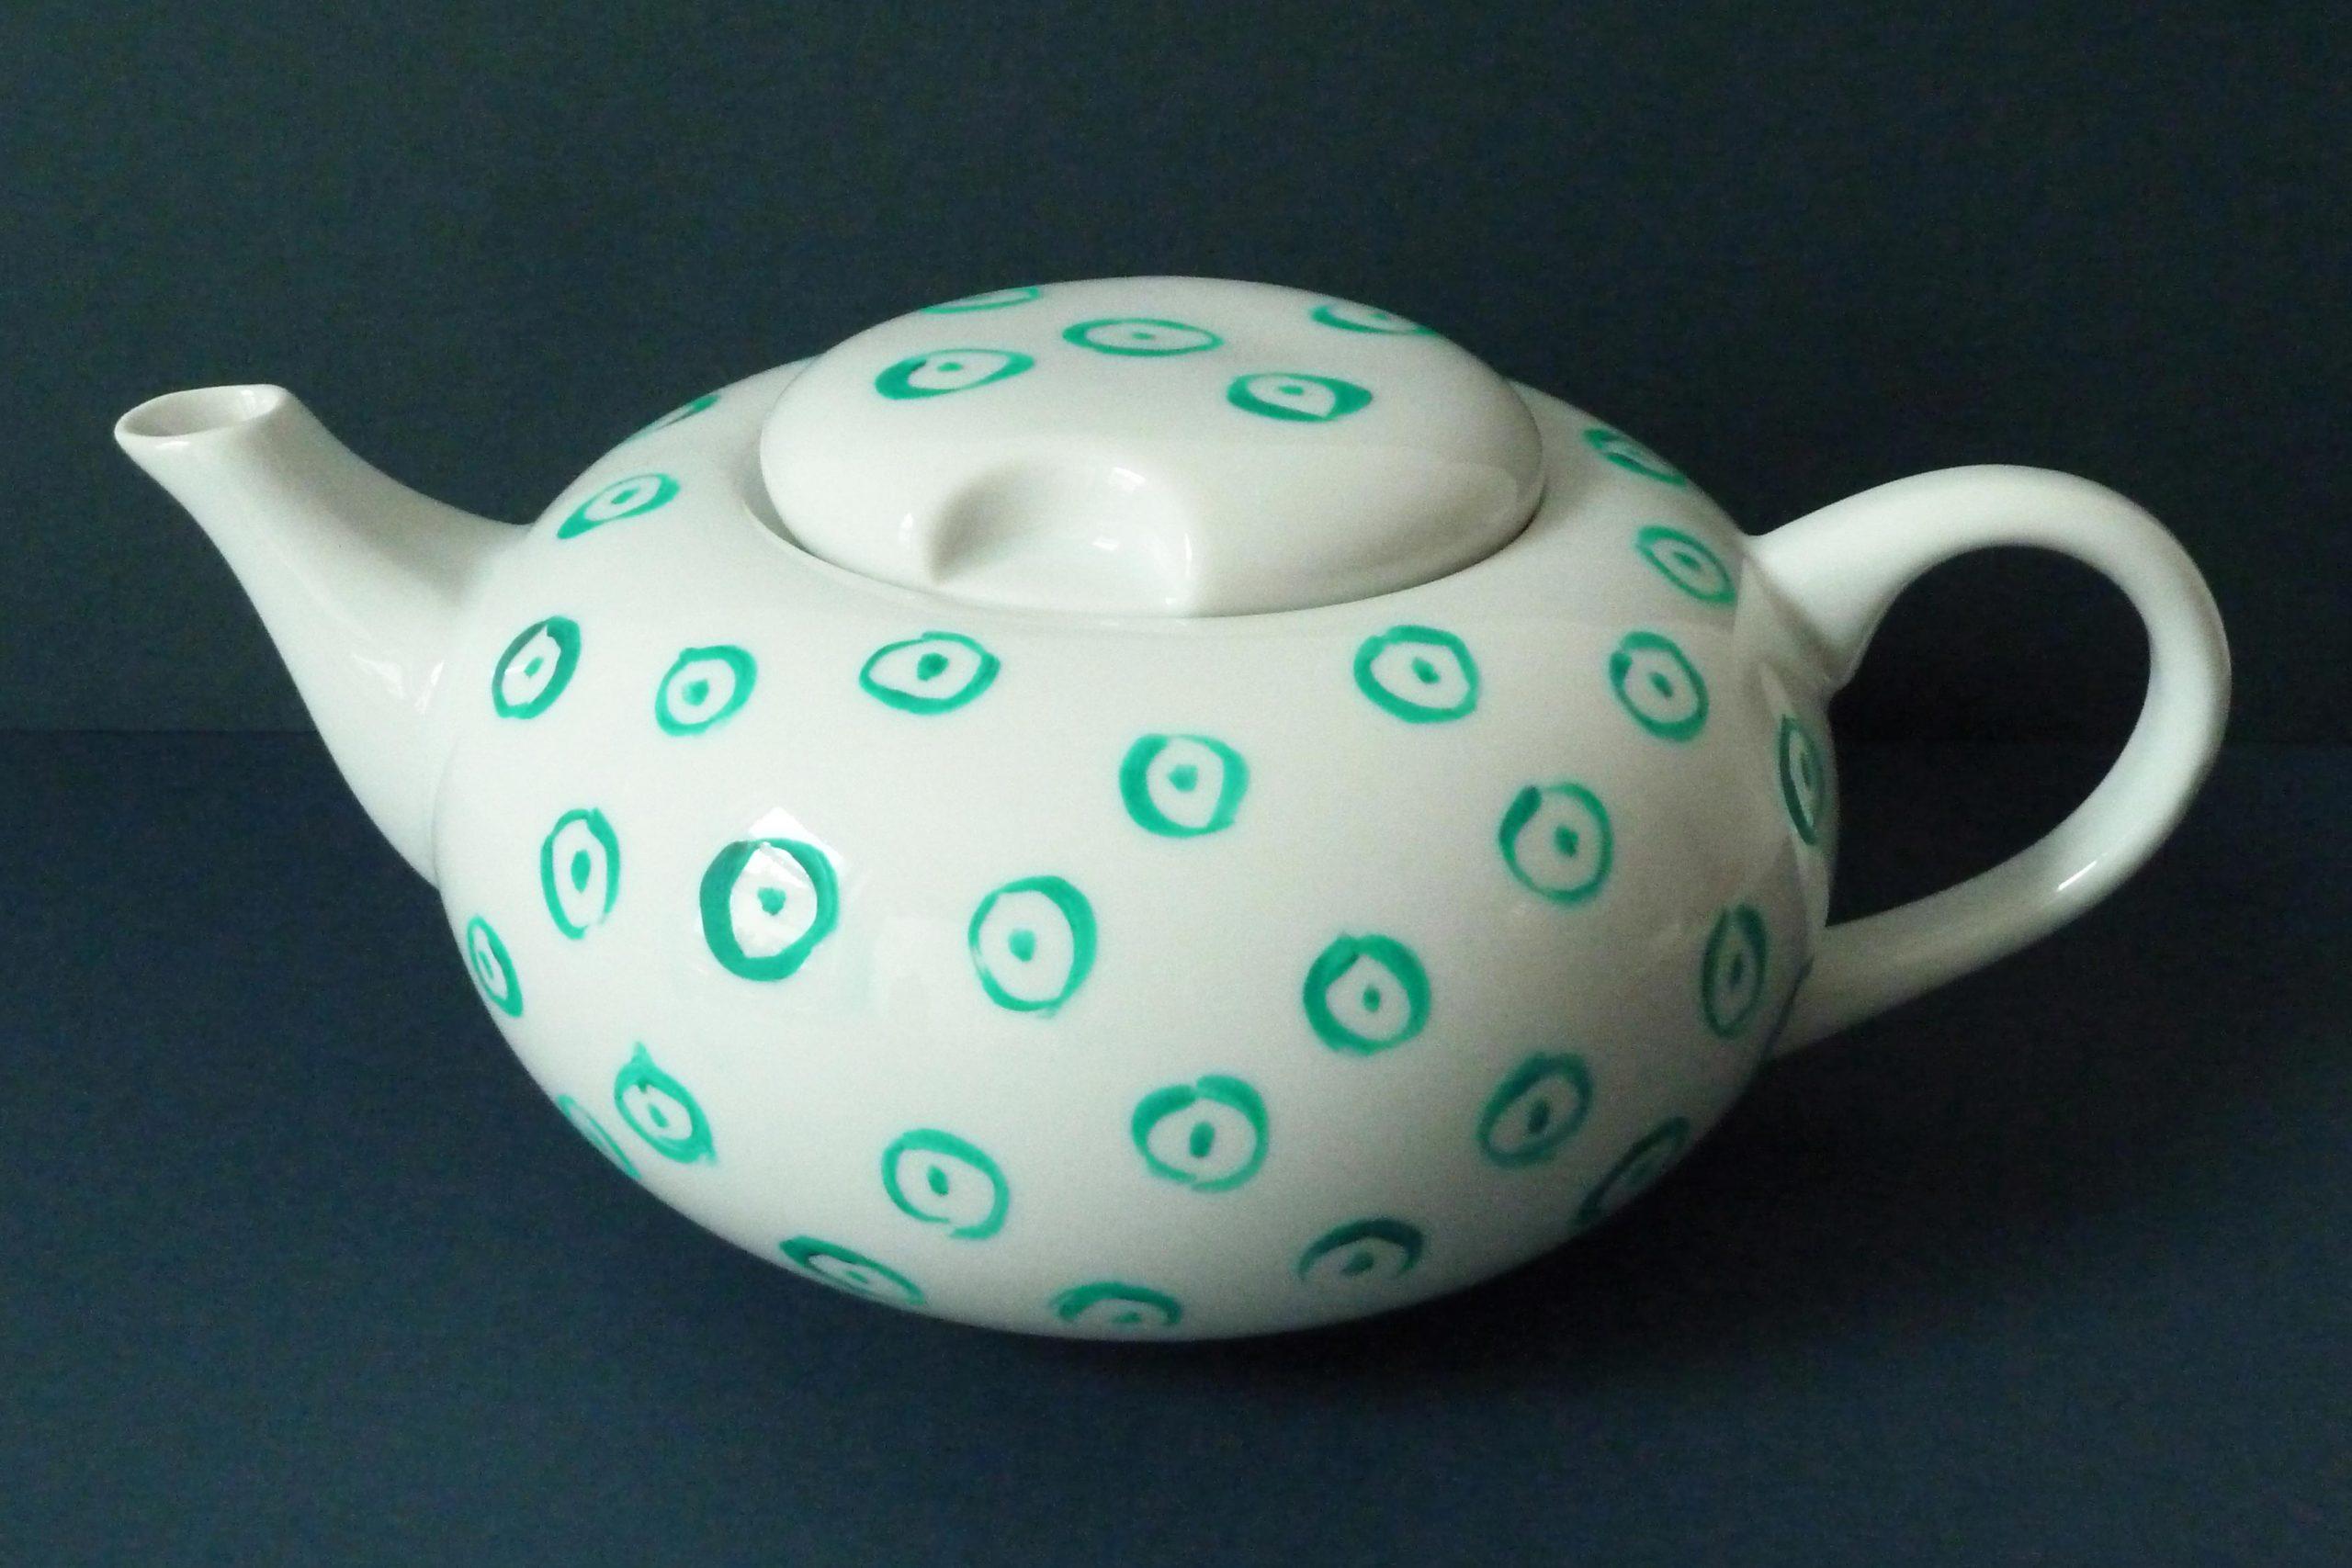 Weiße Teekanne mit einem kleinteiligen Krawattenmuster in Grün